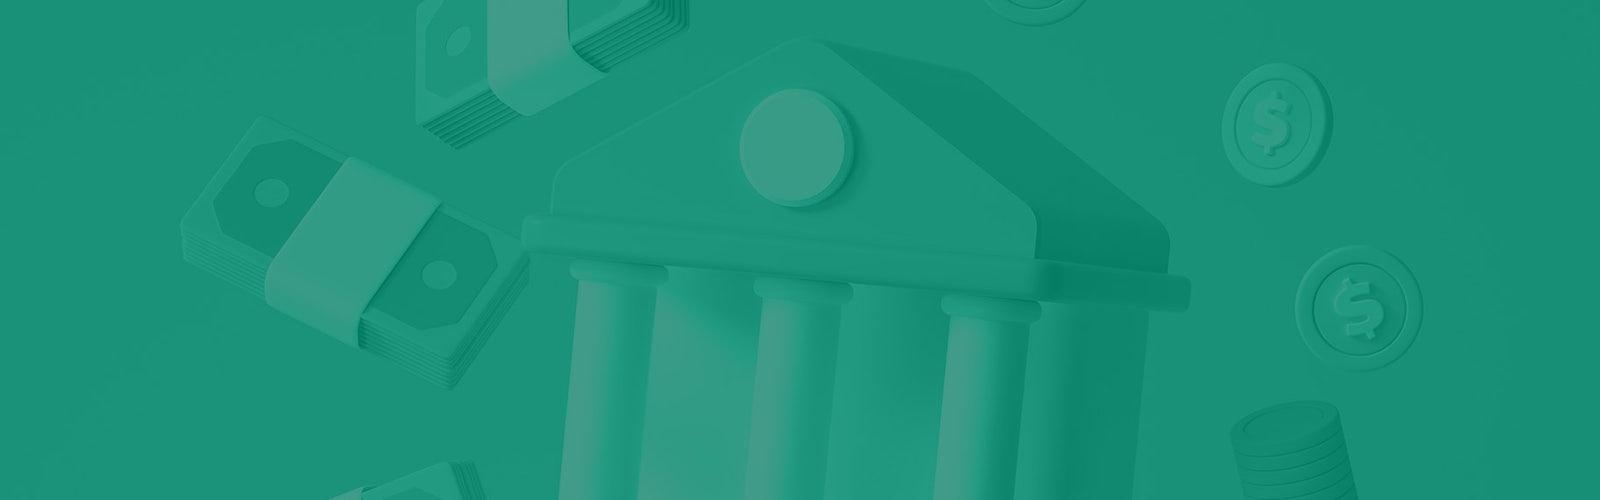 Sites de apostas que aceitam transferência bancária